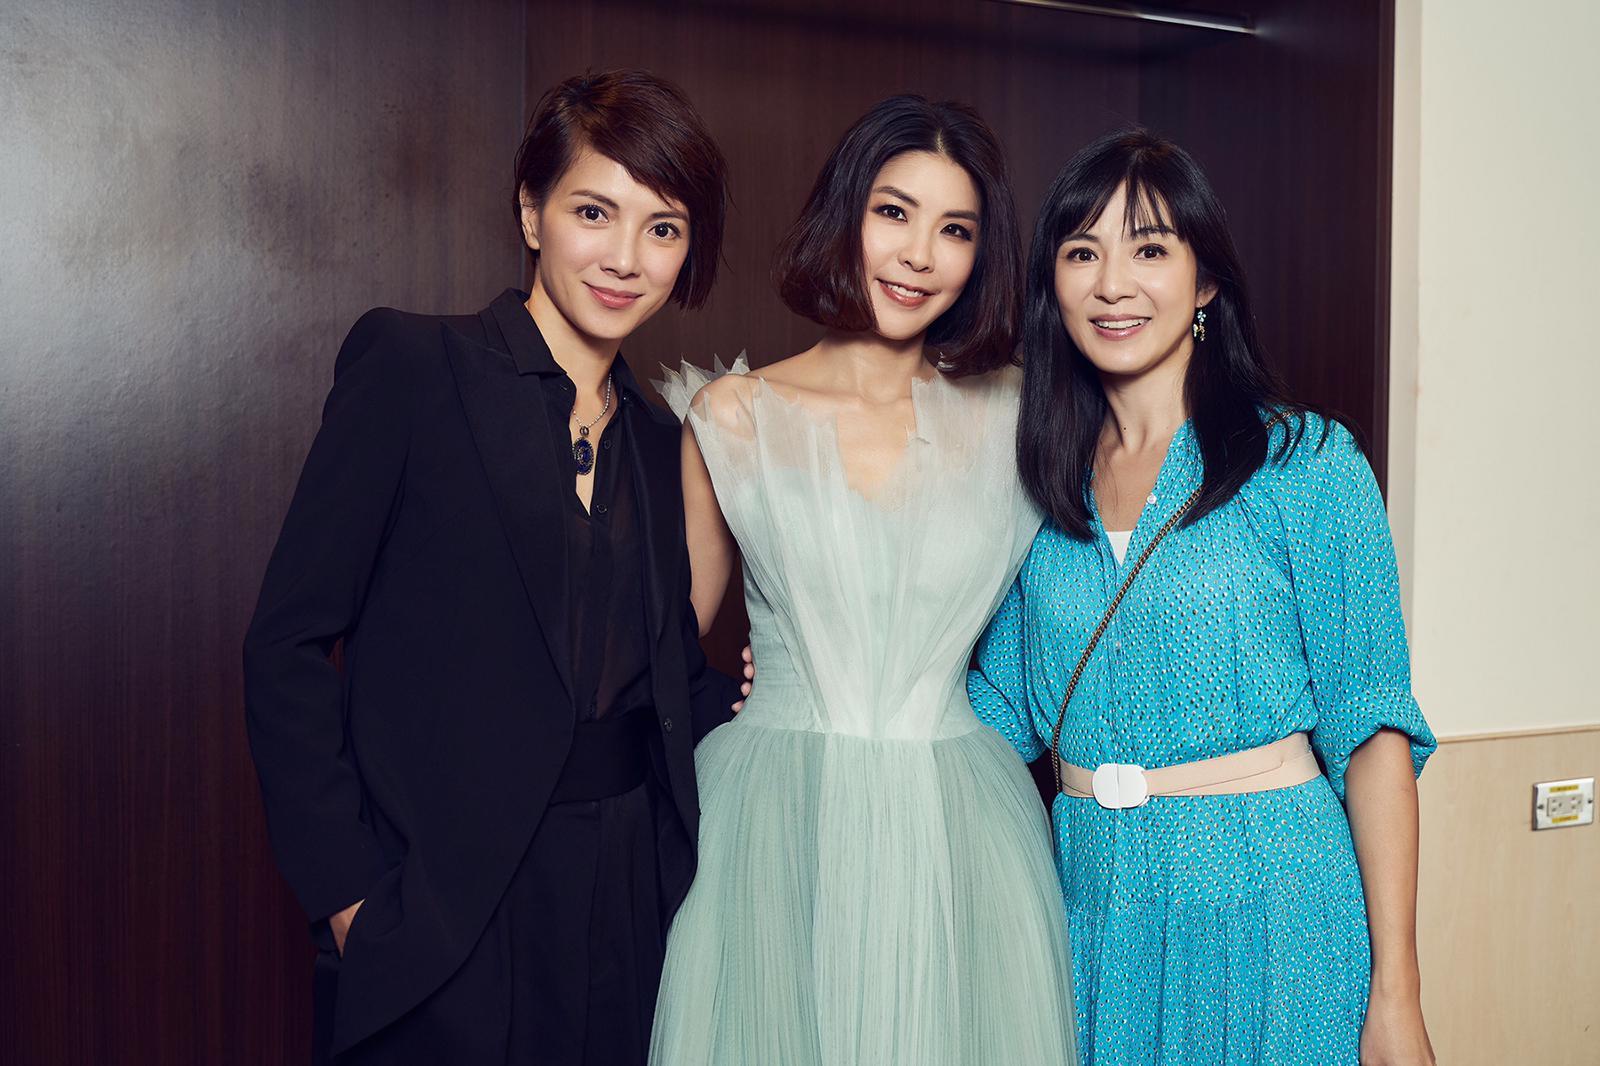 楊采妮和李心潔專程飛到台灣支持琇琇,笑言為了她而拋夫棄子,各自放下雙胞胎兒子來撐好姊妹。